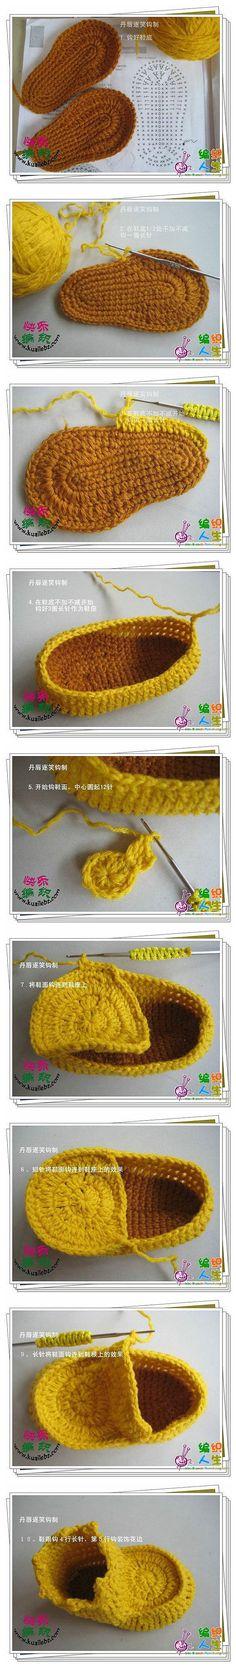 Crochet Booties - Tutorial